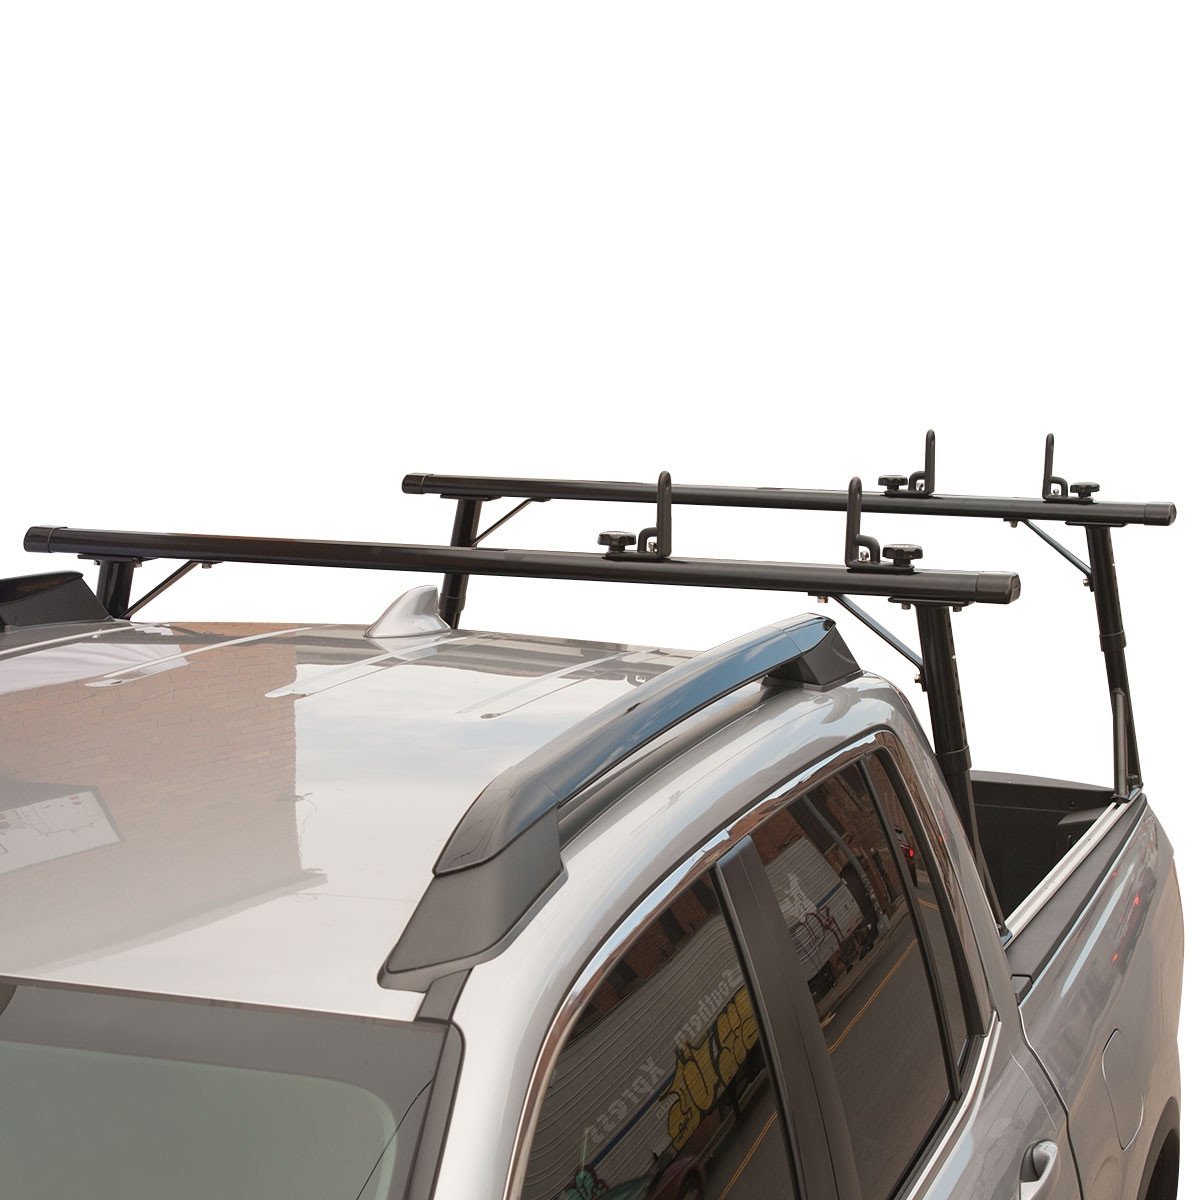 ridgeline honda vantech rack racks ladder p3000 revolver crossbars aluminum x2 front rackwarehouse catalog